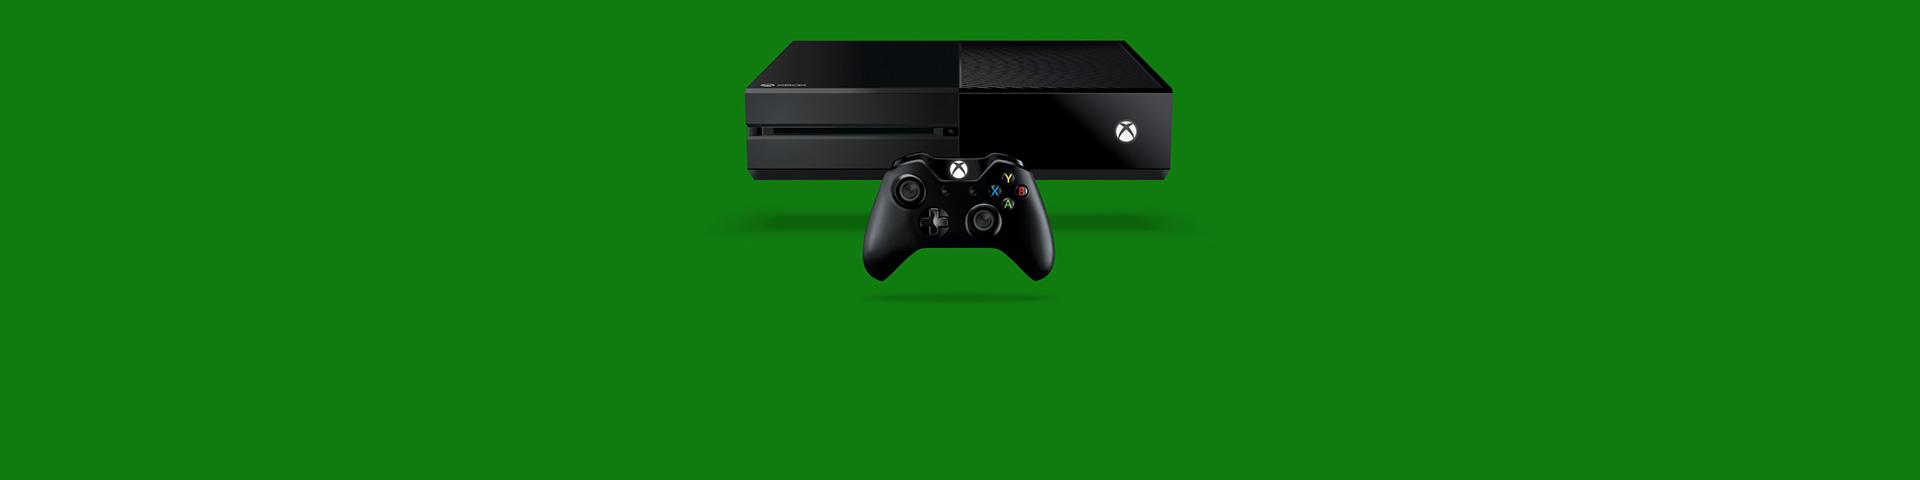 Xbox One Konsole und Controller, die neuesten Konsolen kaufen